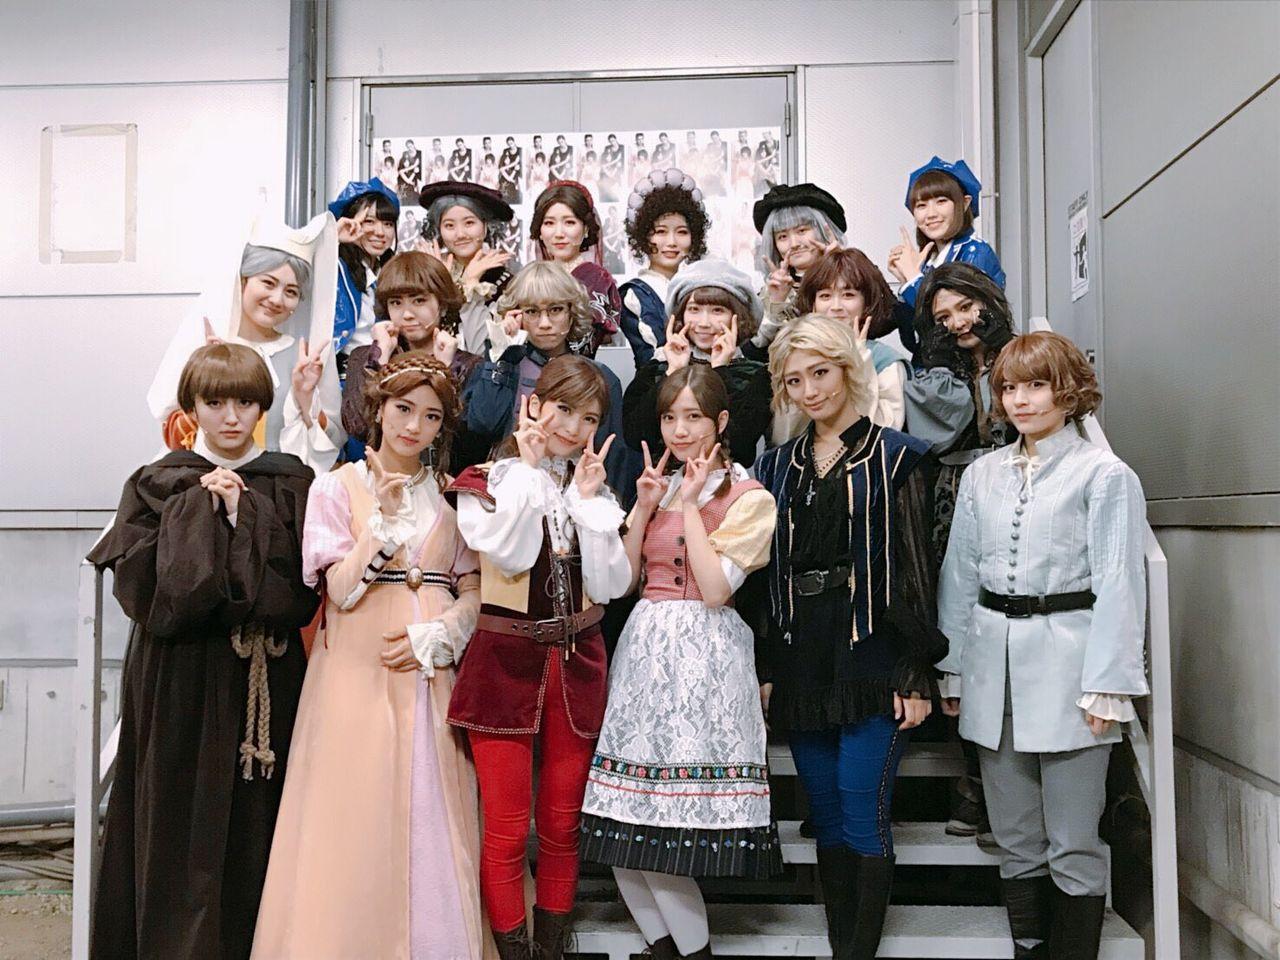 【AKB48】劇団れなっち『ロミオ&ジュリエット』黒組初日 感想・出演者の投稿など